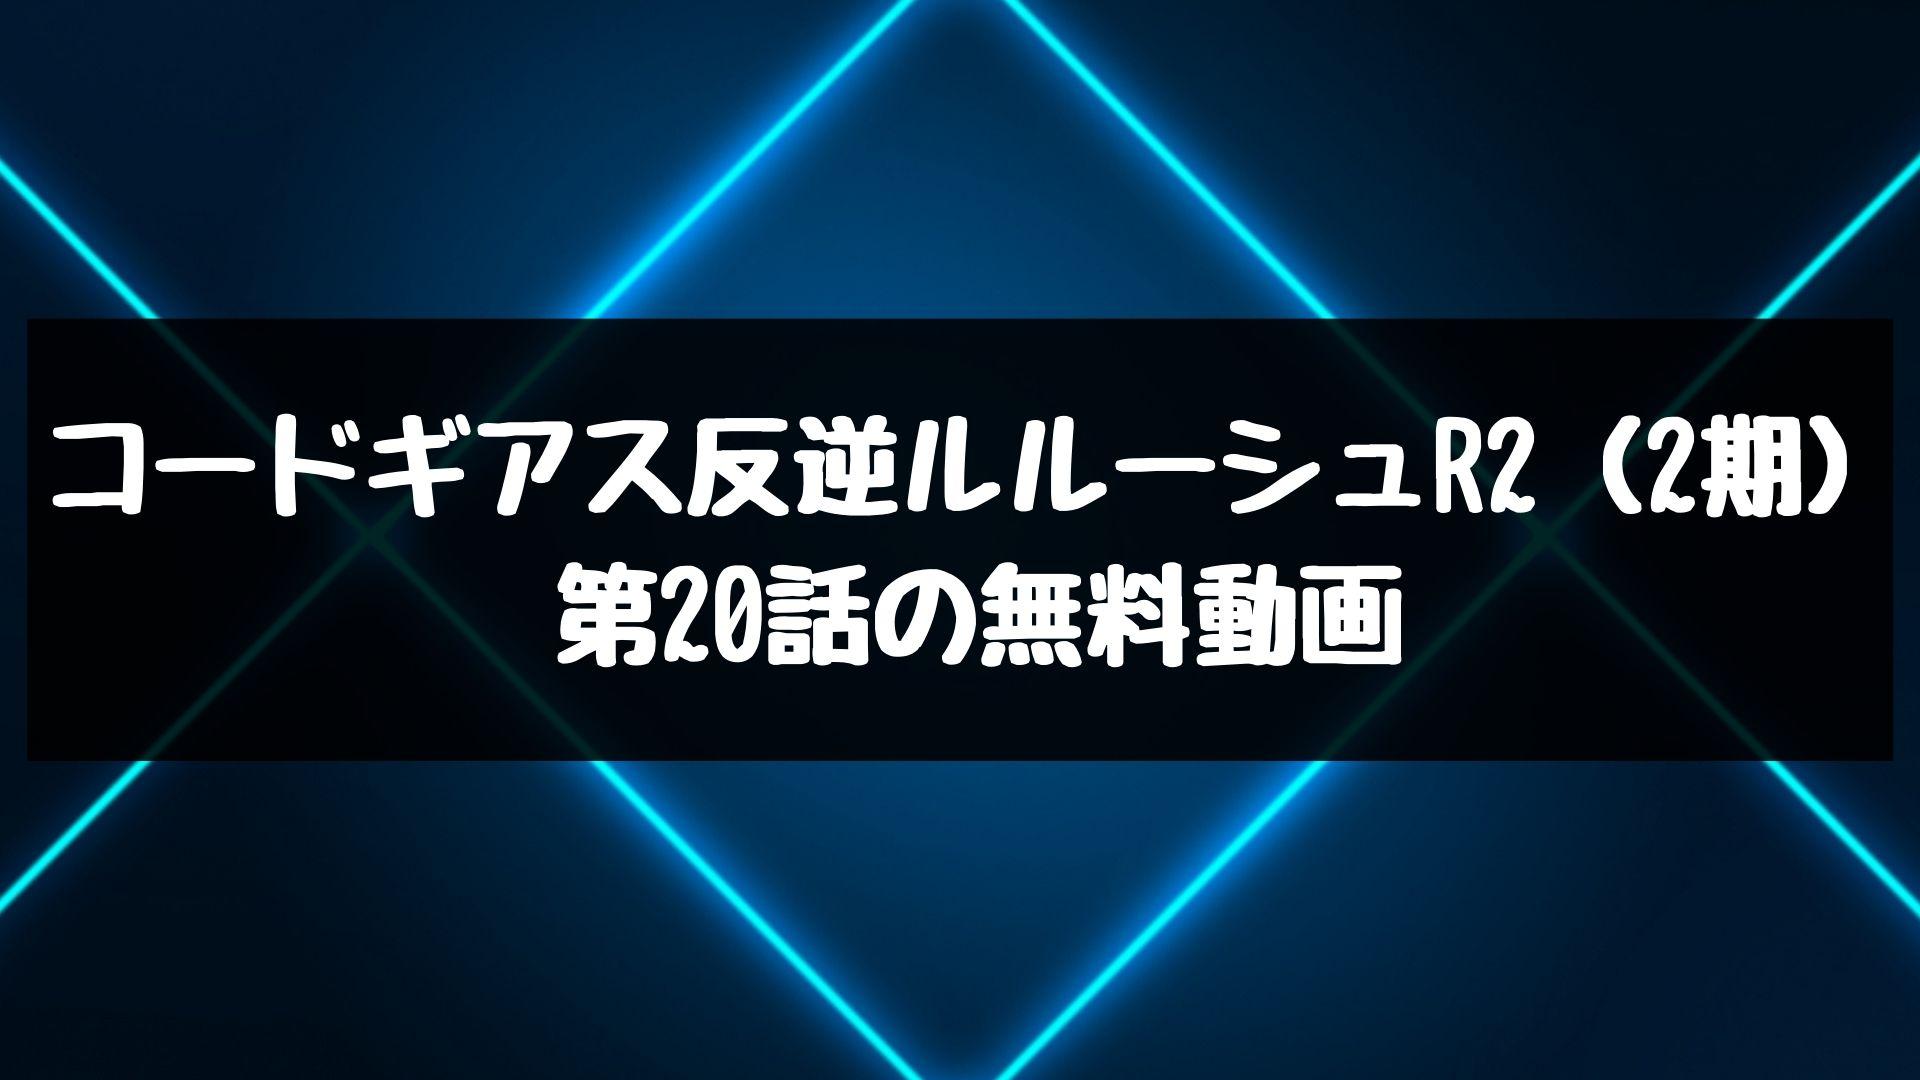 コードギアス反逆ルルーシュR2(2期) 第20話の無料動画